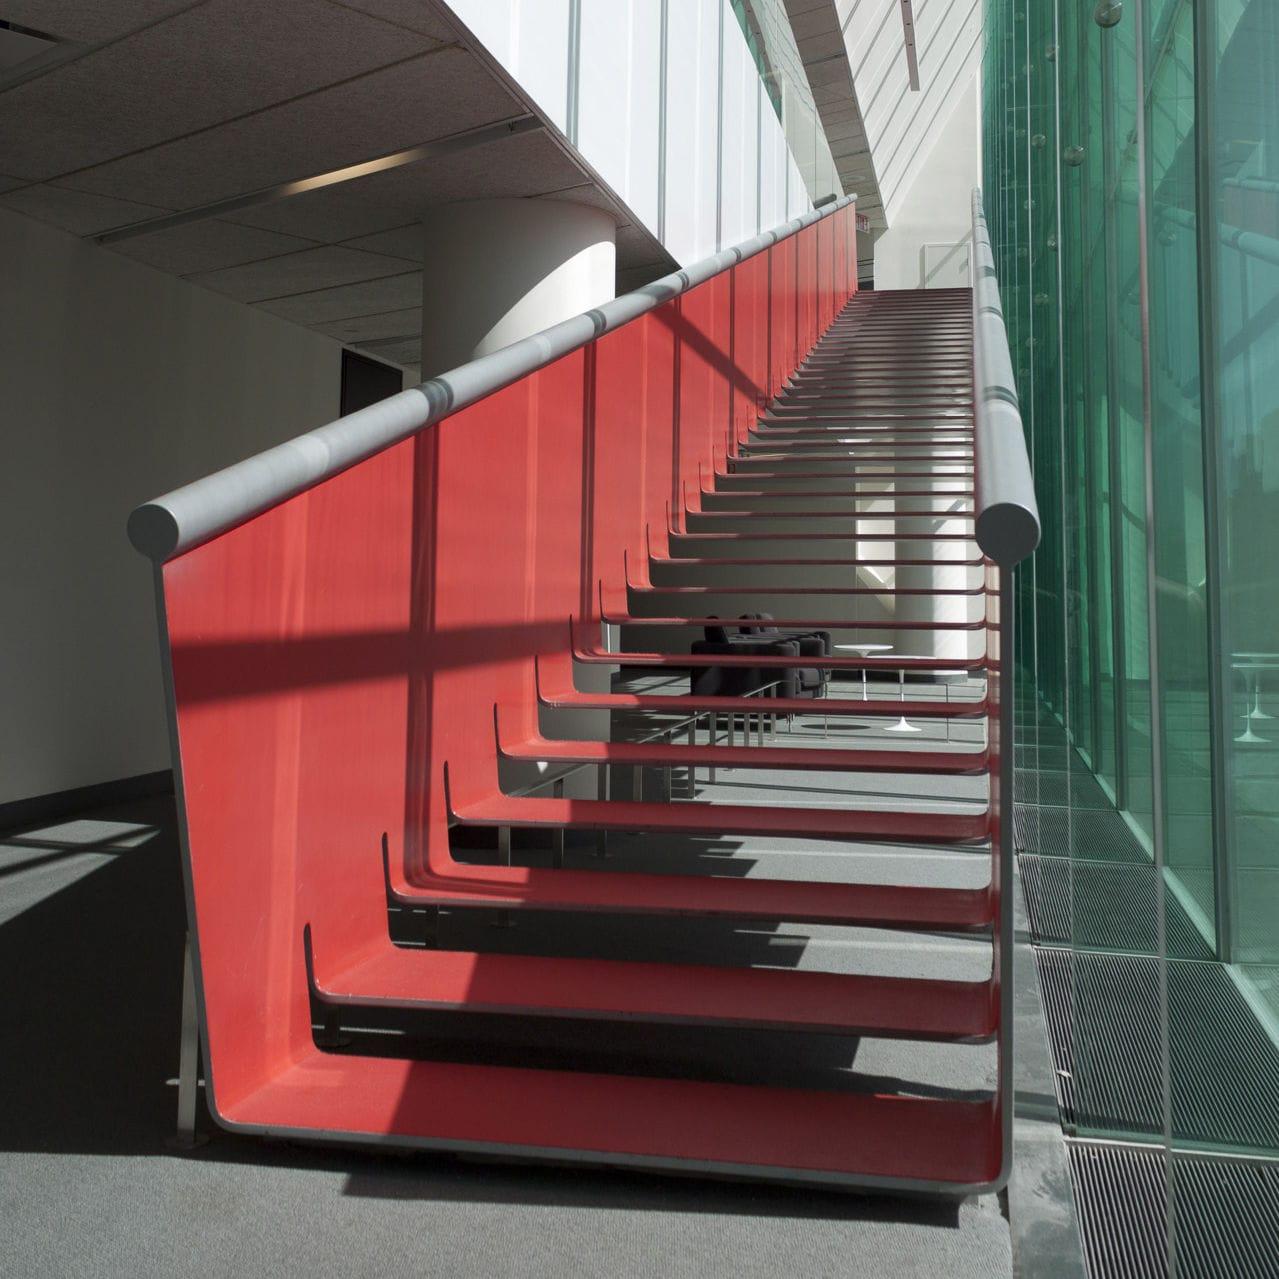 Rampe D Escalier Traduction Anglais escalier droit / structure en métal / marche en métal / sans